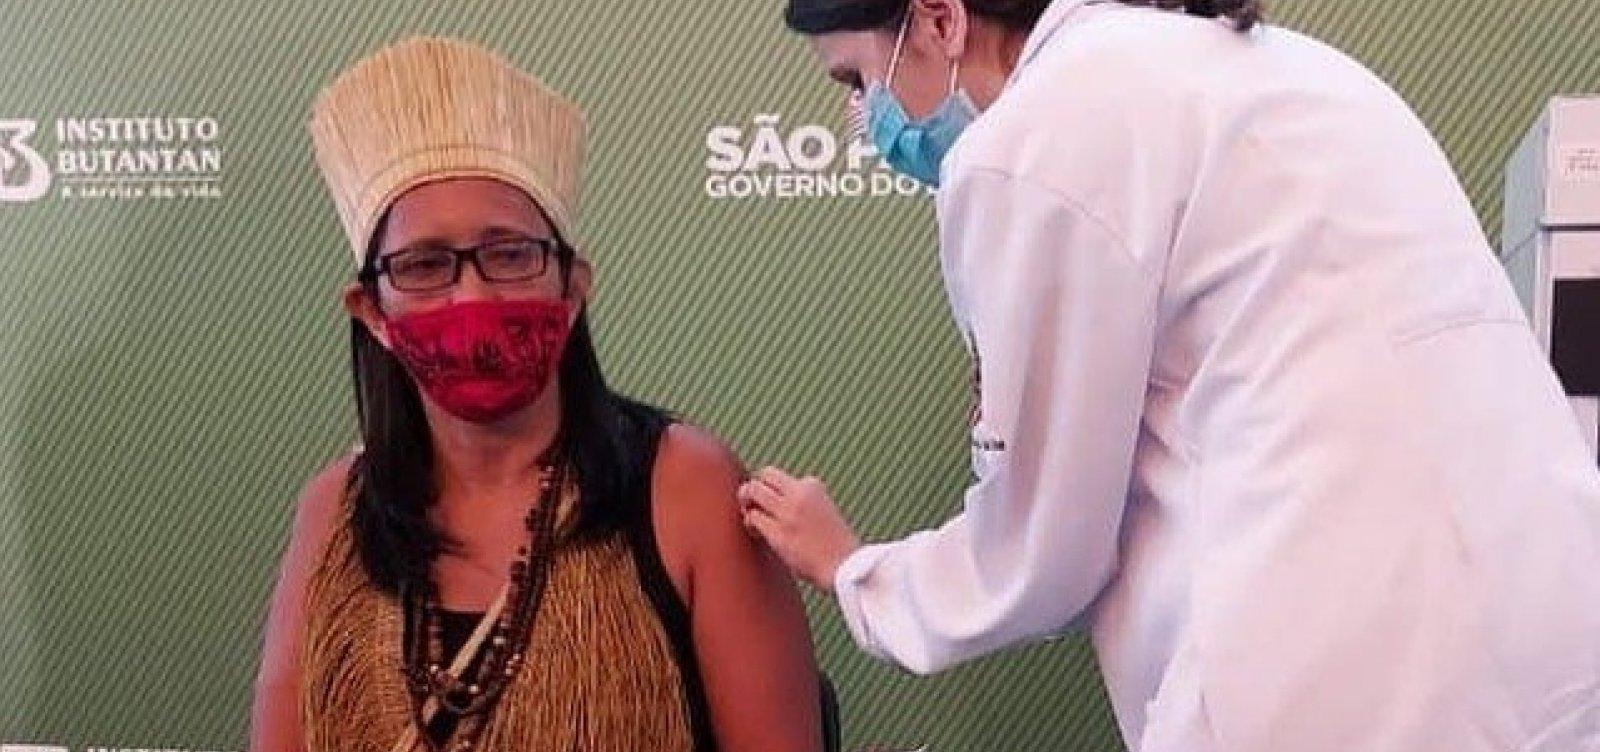 [Primeira indígena a ser vacinada no Brasil recebe dose da CoronaVac em São Paulo]